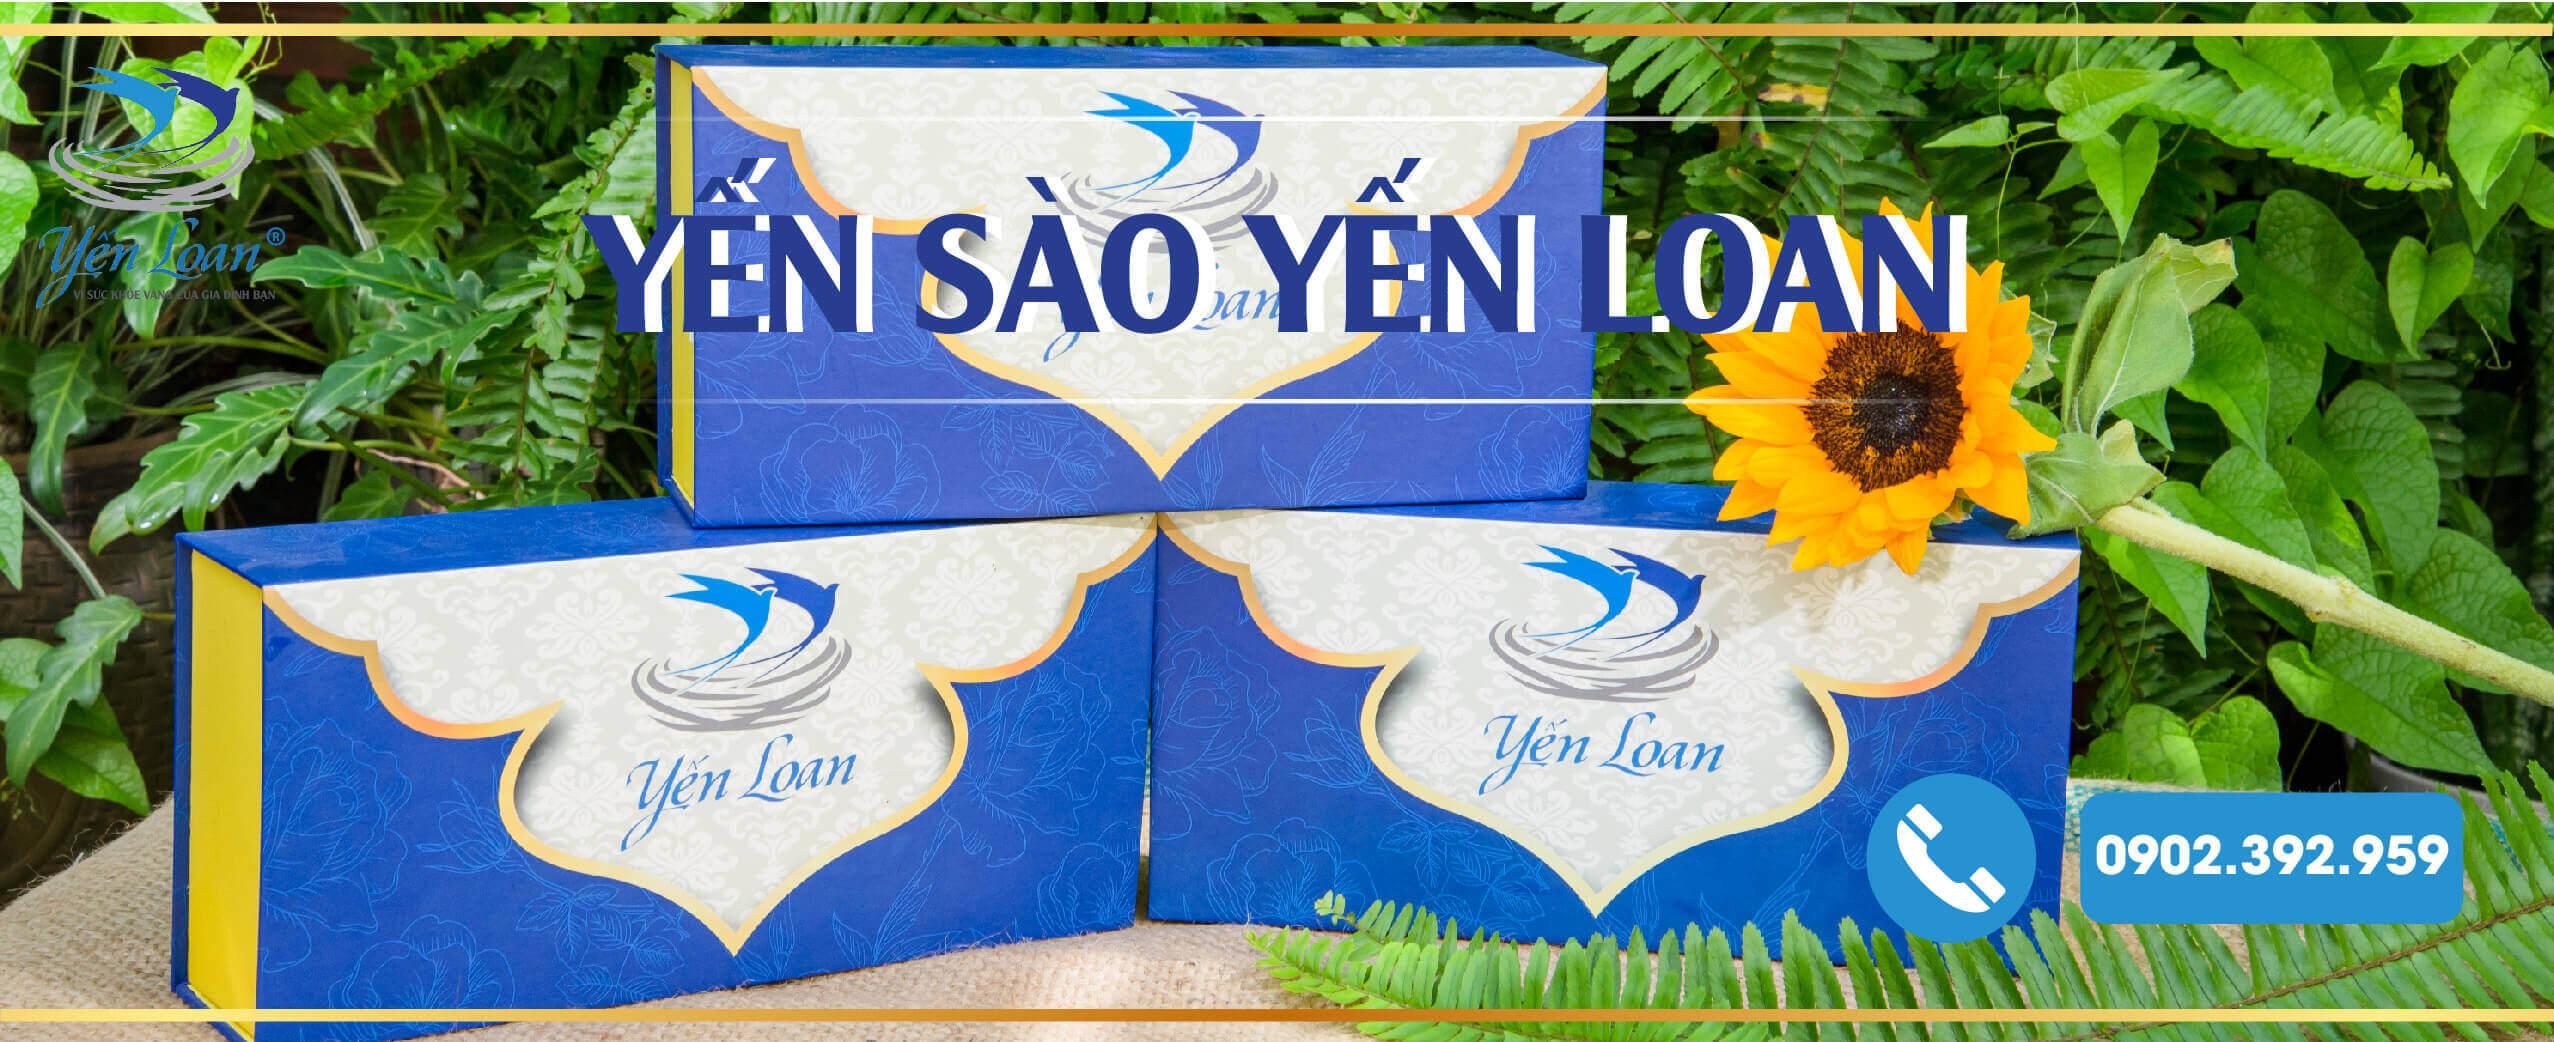 Yến Sào Yến Loan ! Sản phẩm yến sạch đặc sản Tây Ninh